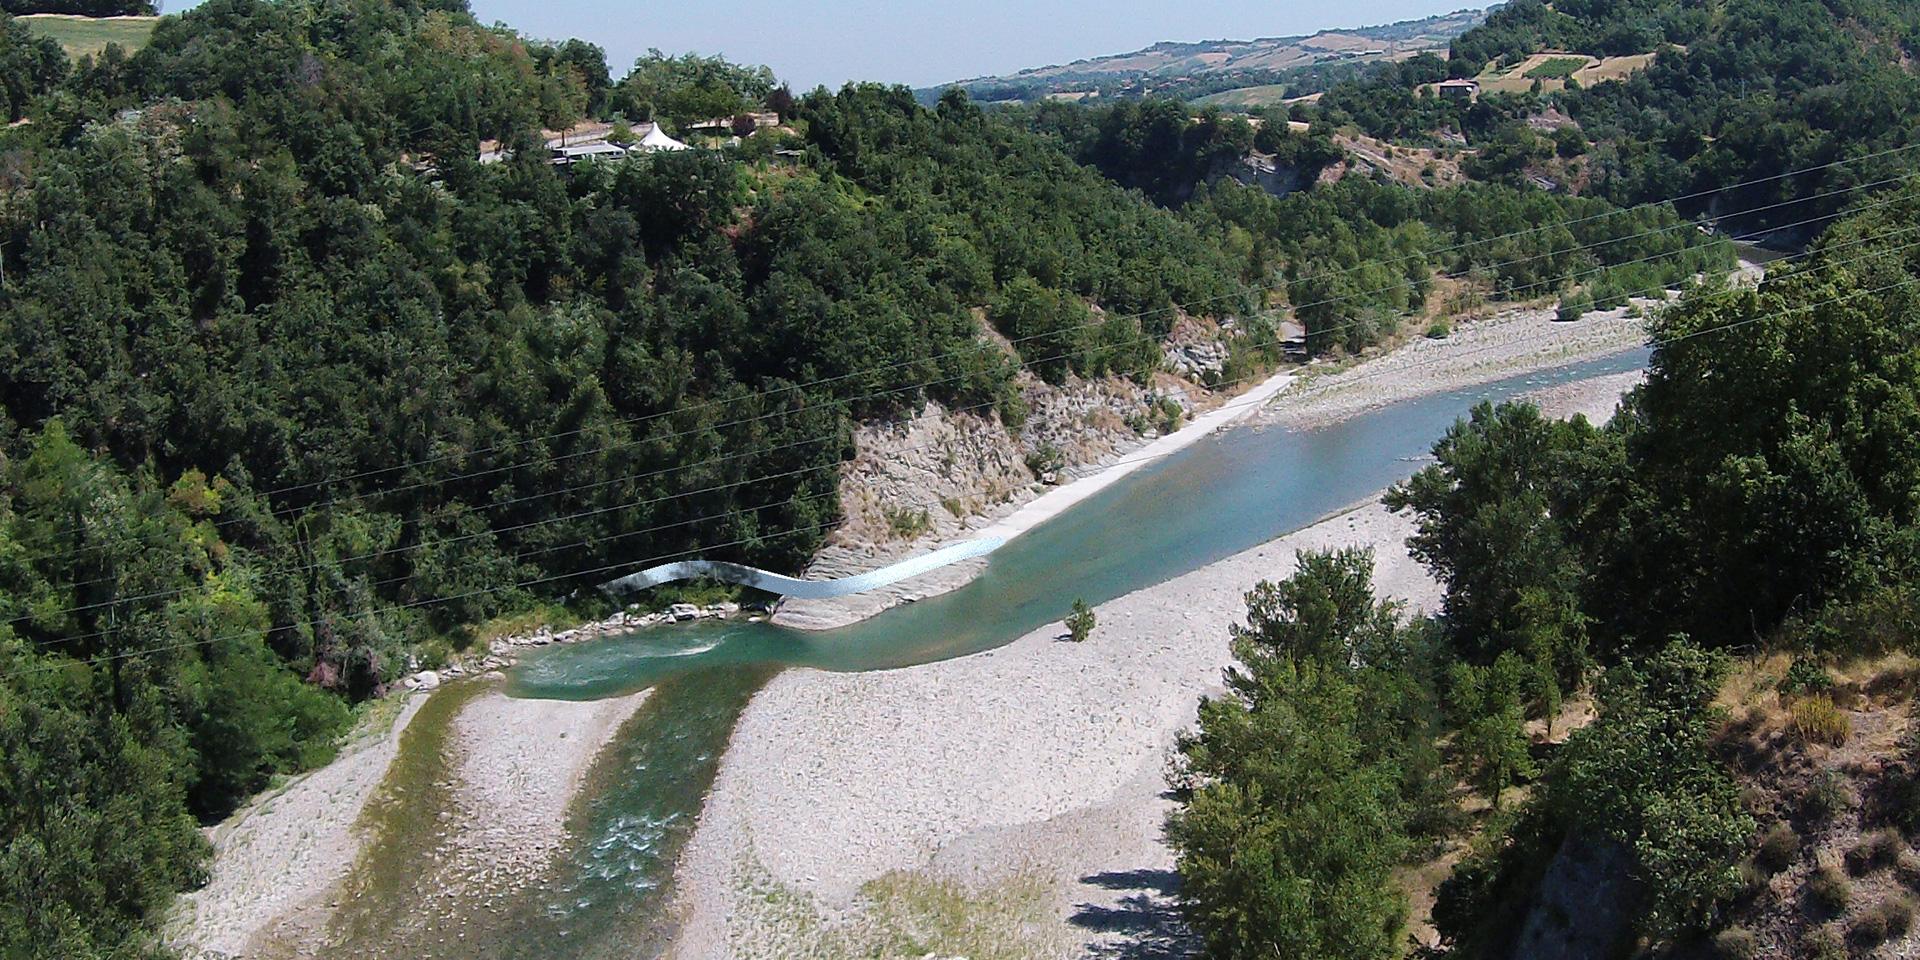 Ciclabile Roteglia-Castellarano, Binini Partners, Società di architettura e ingegneria